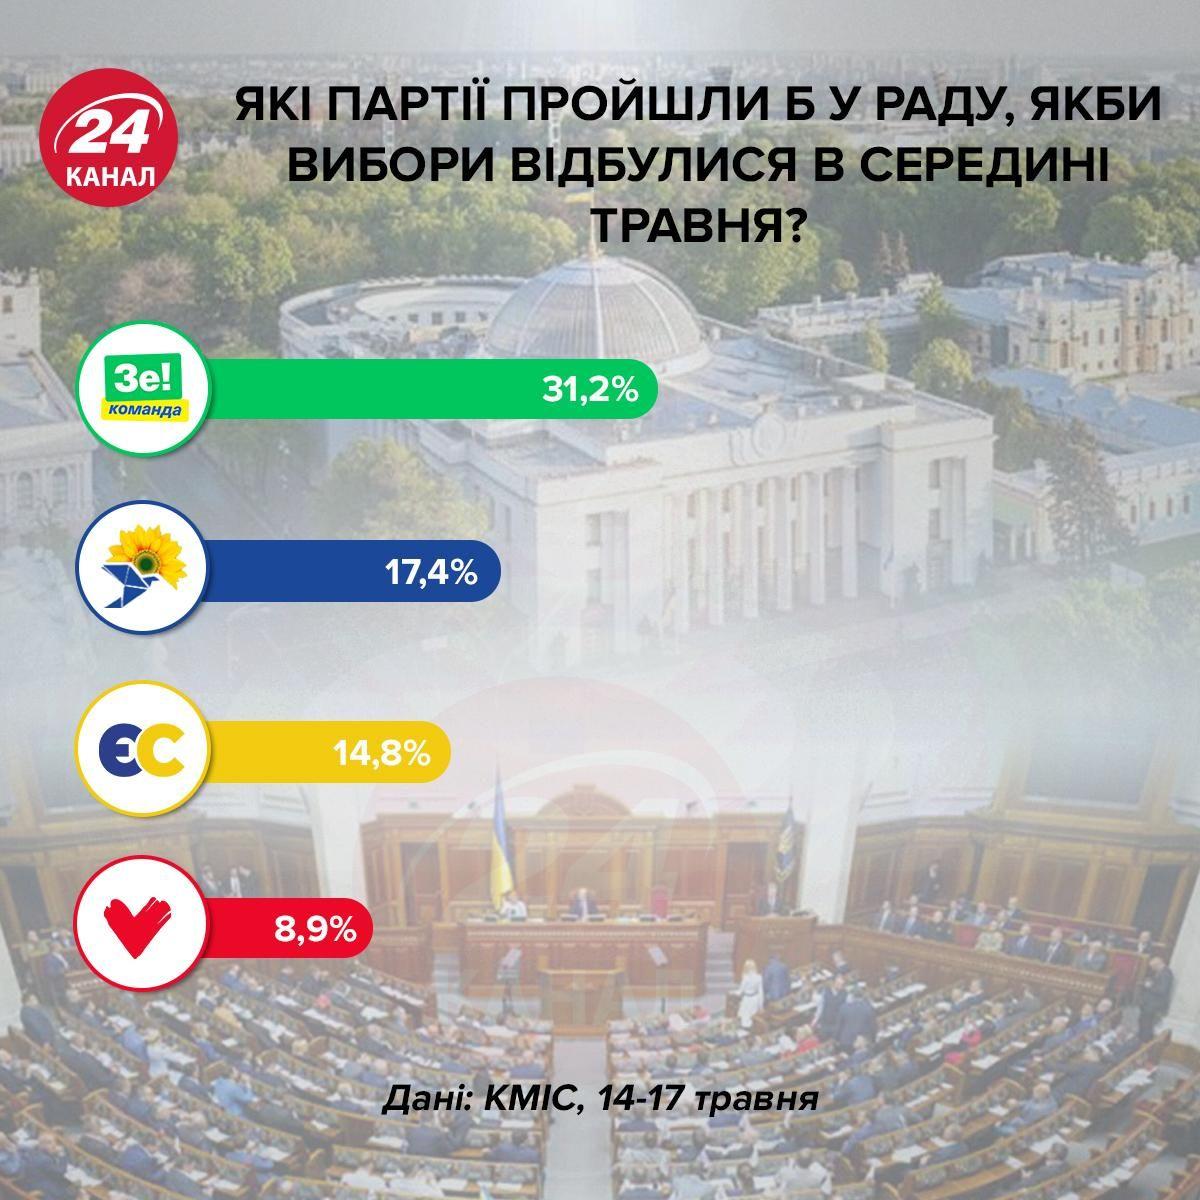 Вибори, Рада, партії, парламентські вибори, Слуга народу, КМІС